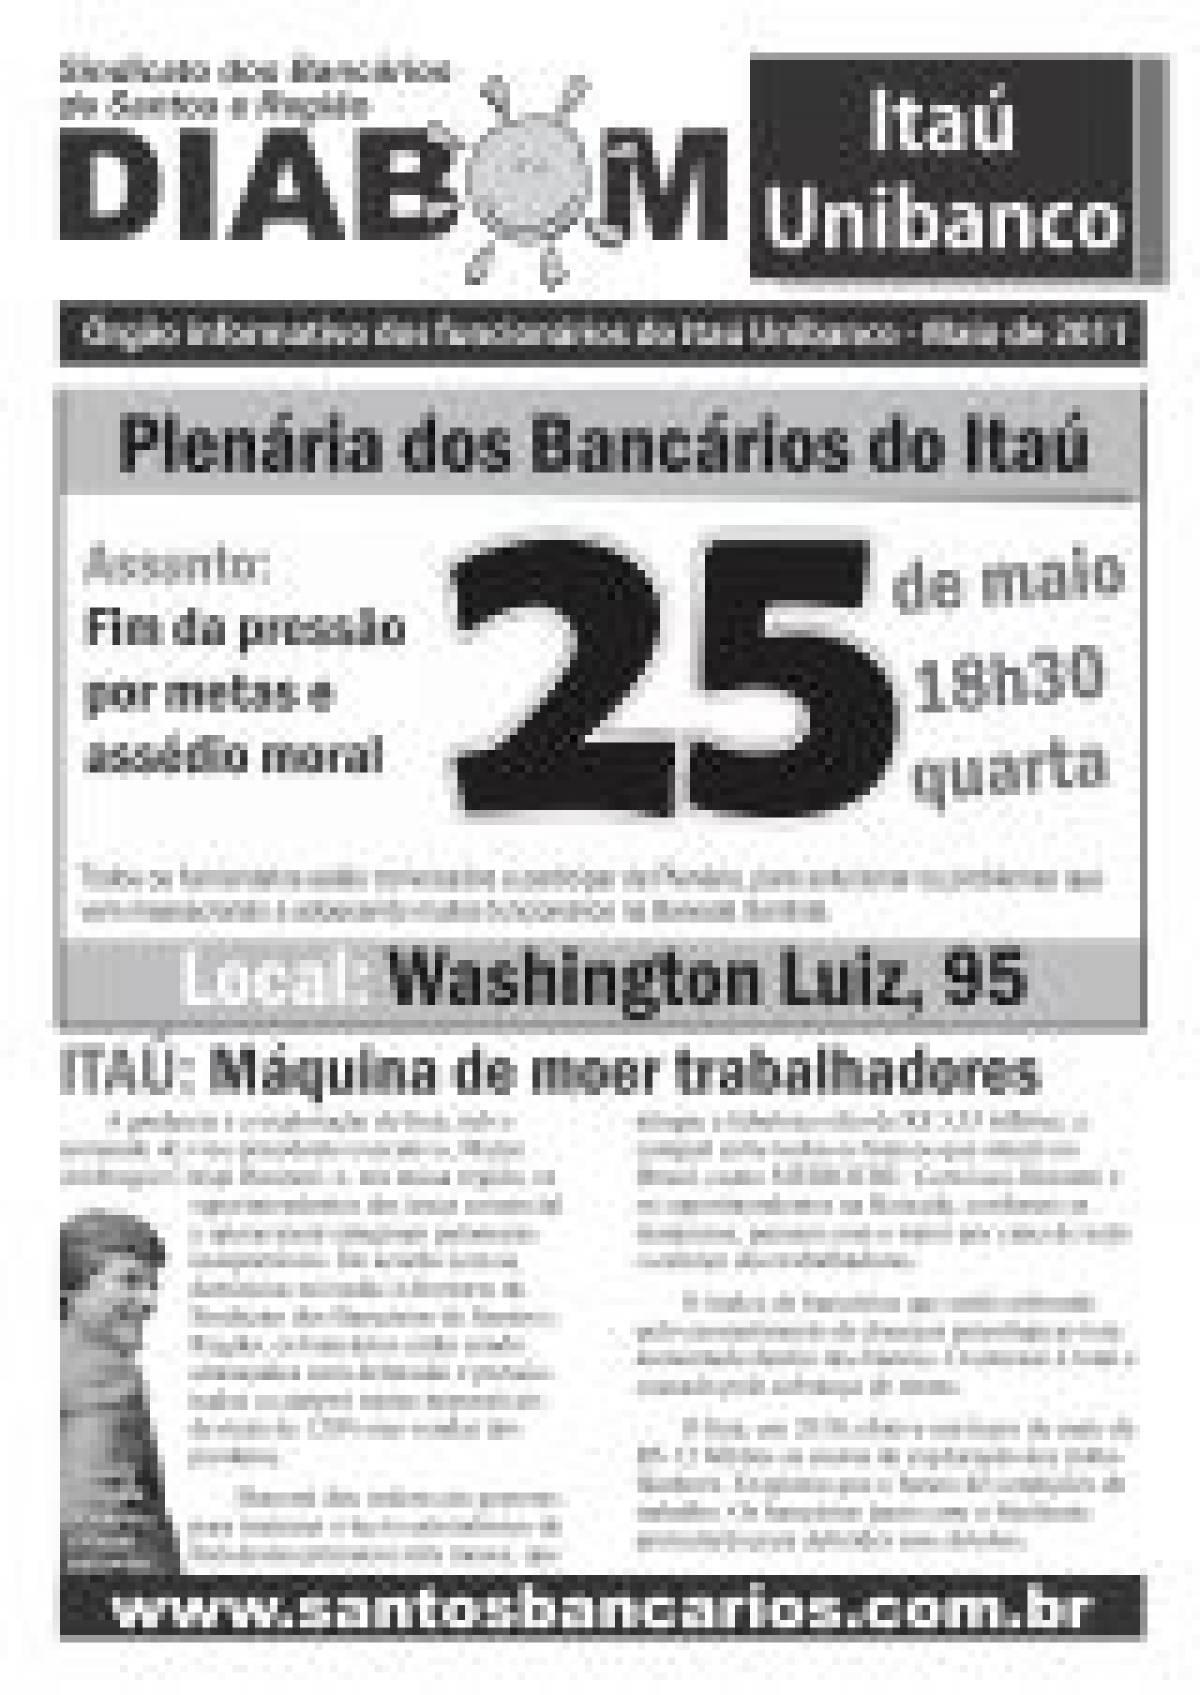 Plenária dos bancários do Itaú